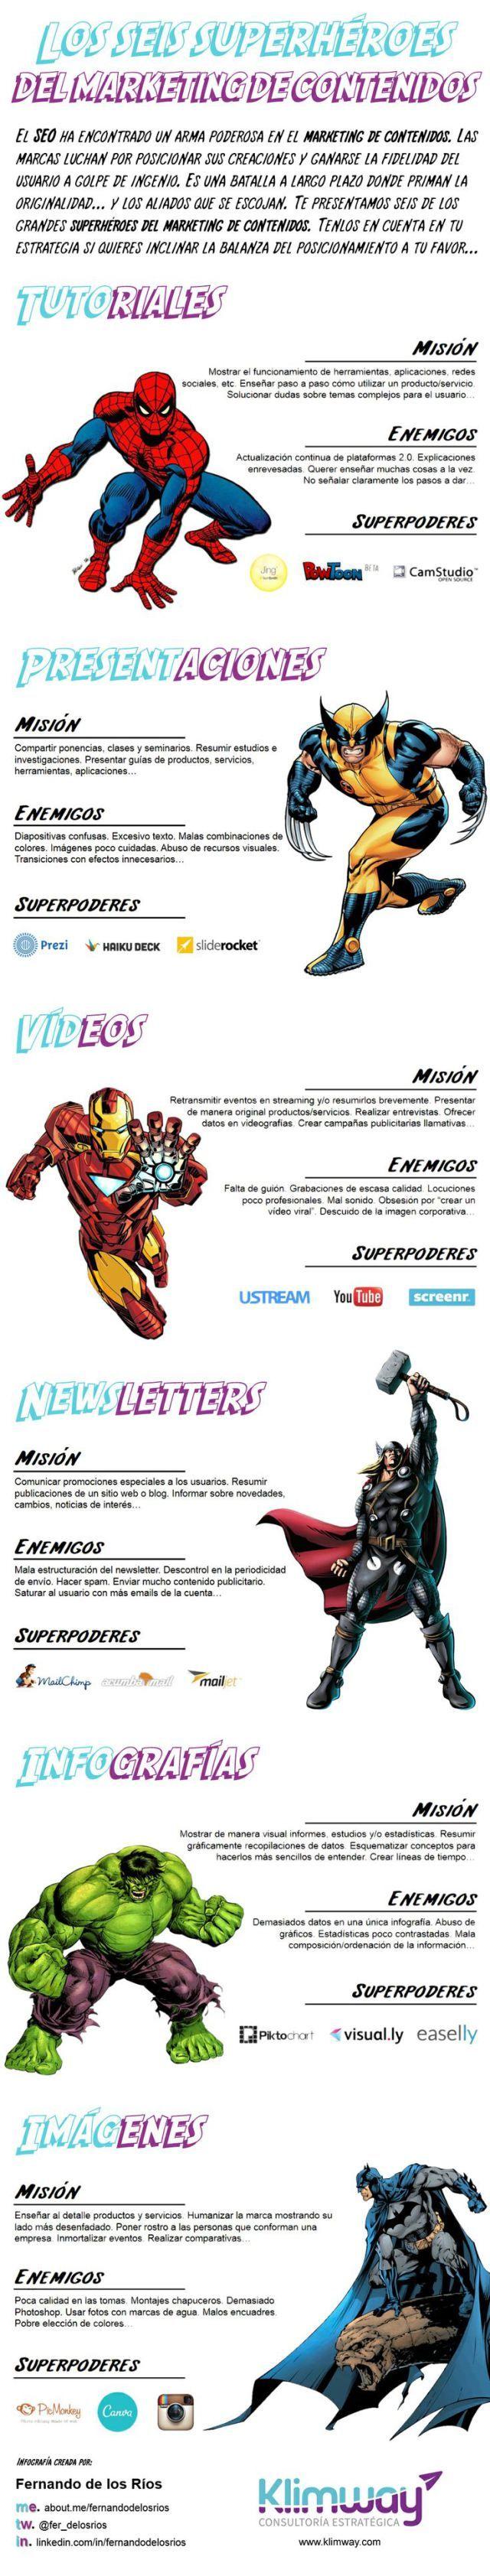 Los 6 superhéroes del marketing de contenidos #infografia #infographic #marketing